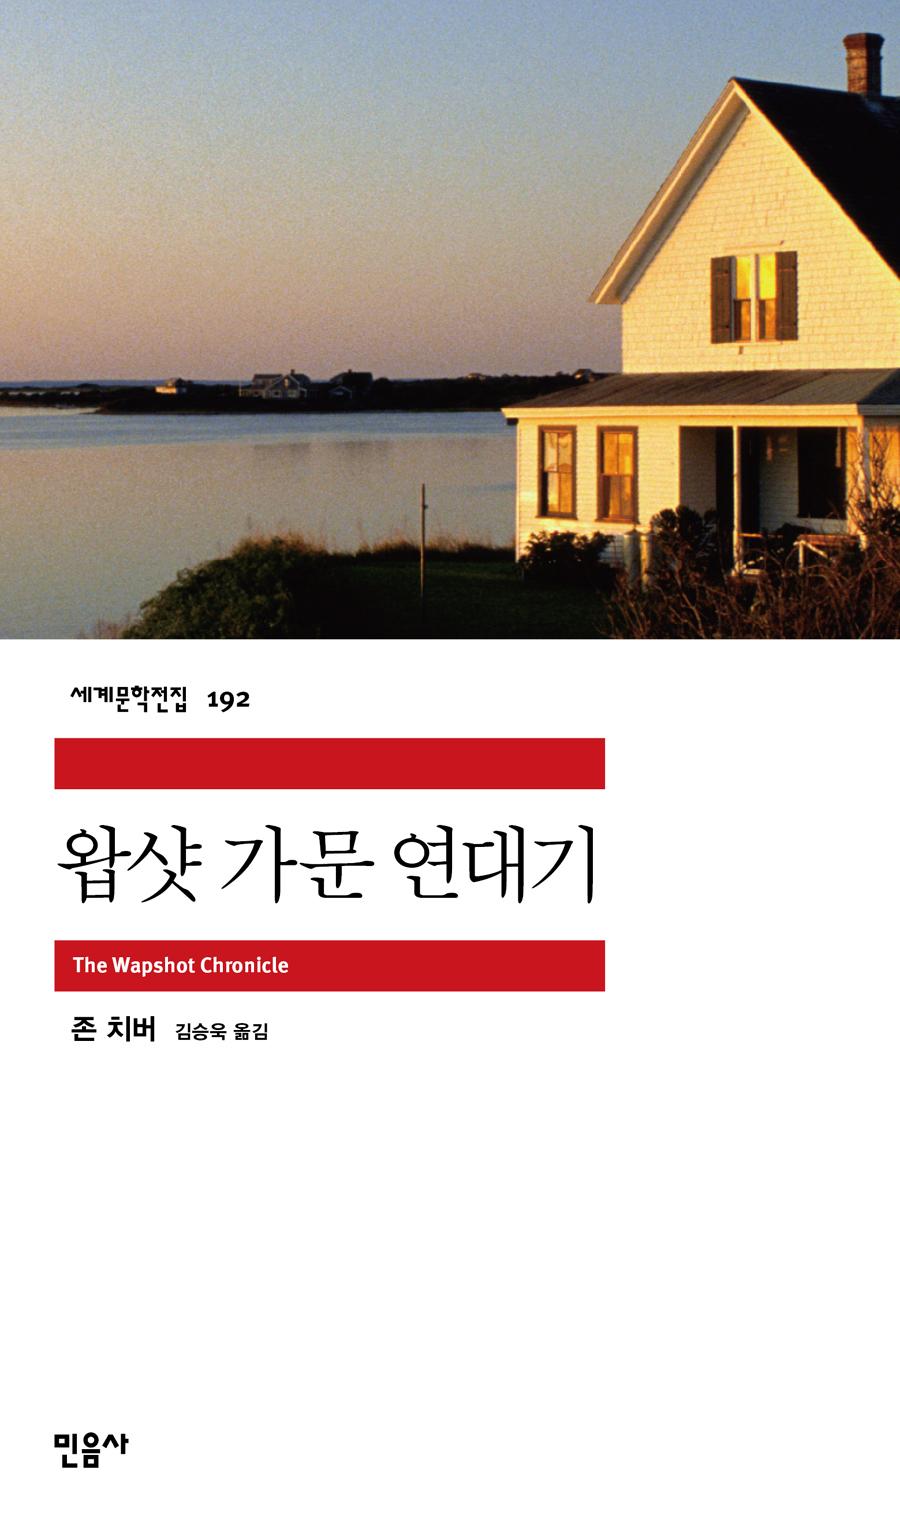 [고전읽기-079] 왑샷 가문 연대기 (존 치버) 민음사 세계문학 192